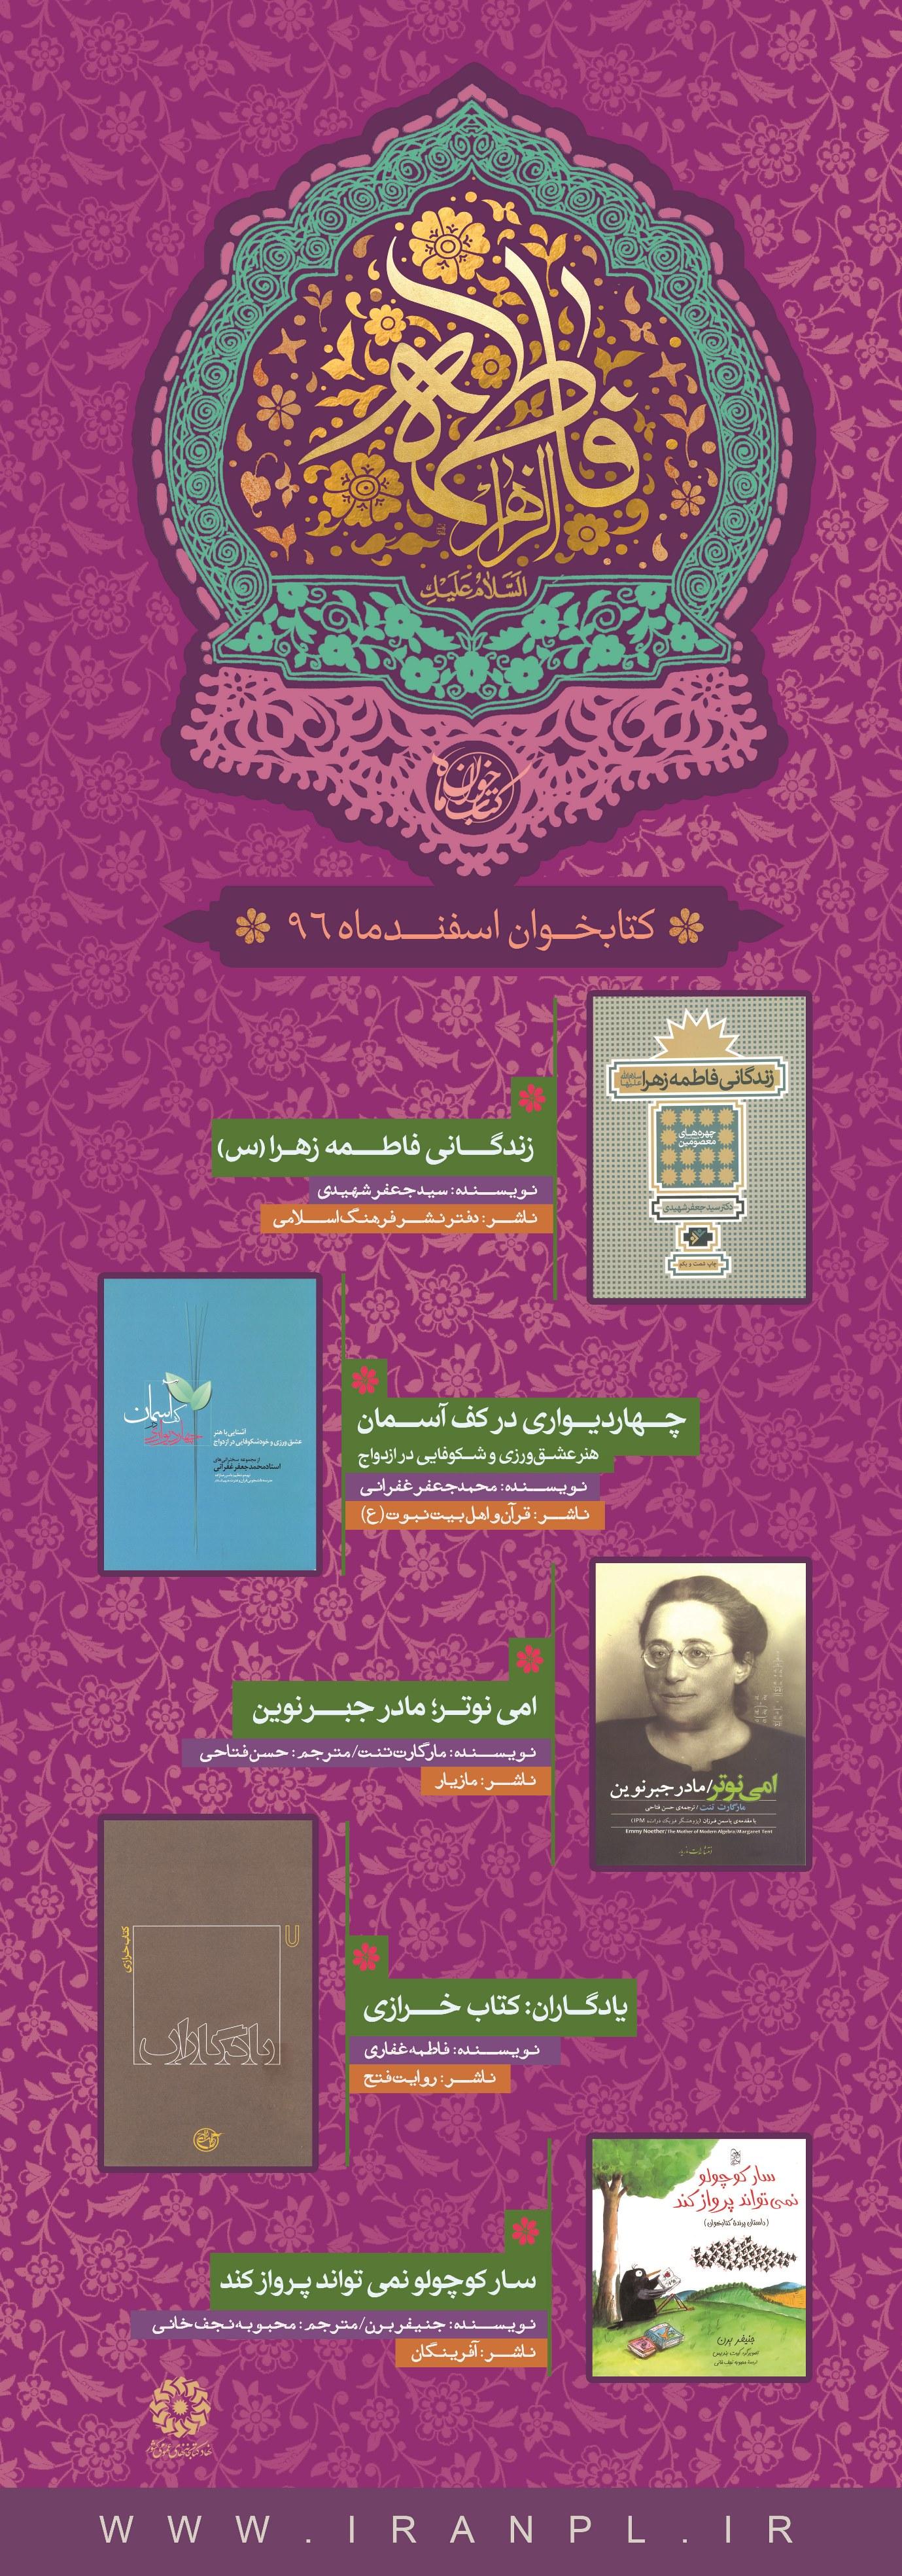 کتابخوان ماه